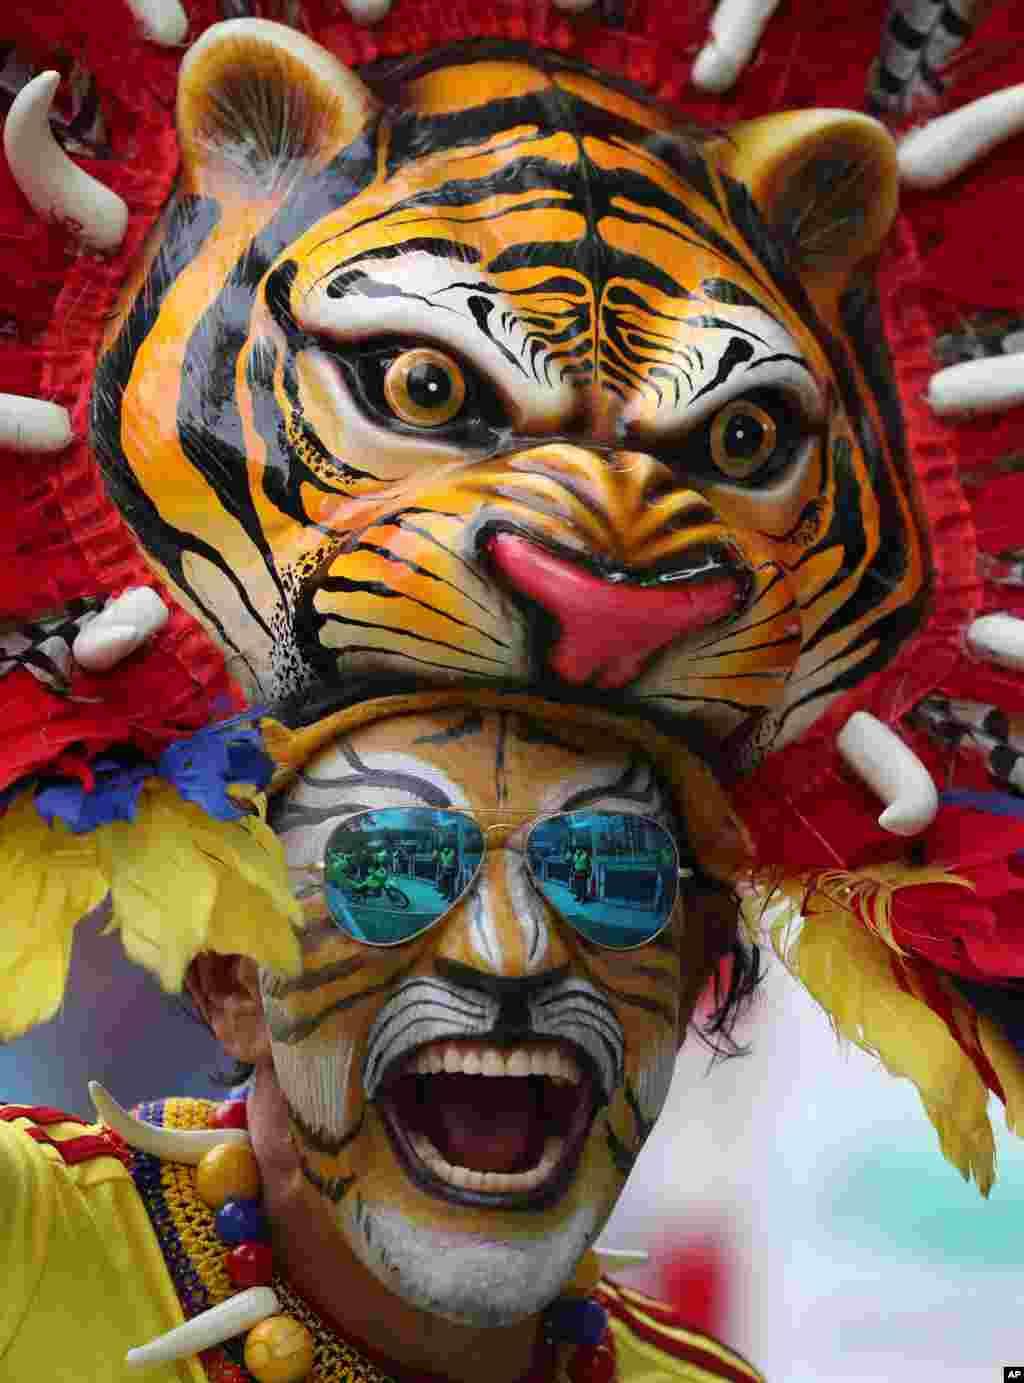 콜롬비아 북부 바랑키야에서 콜롬비아와 아르헨티나의 '2022 카타르 월드컵' 출전 자격을 건 예선전을 앞두고 콜롬비아 축구팬이 호랑이 분장을 하고 있다.